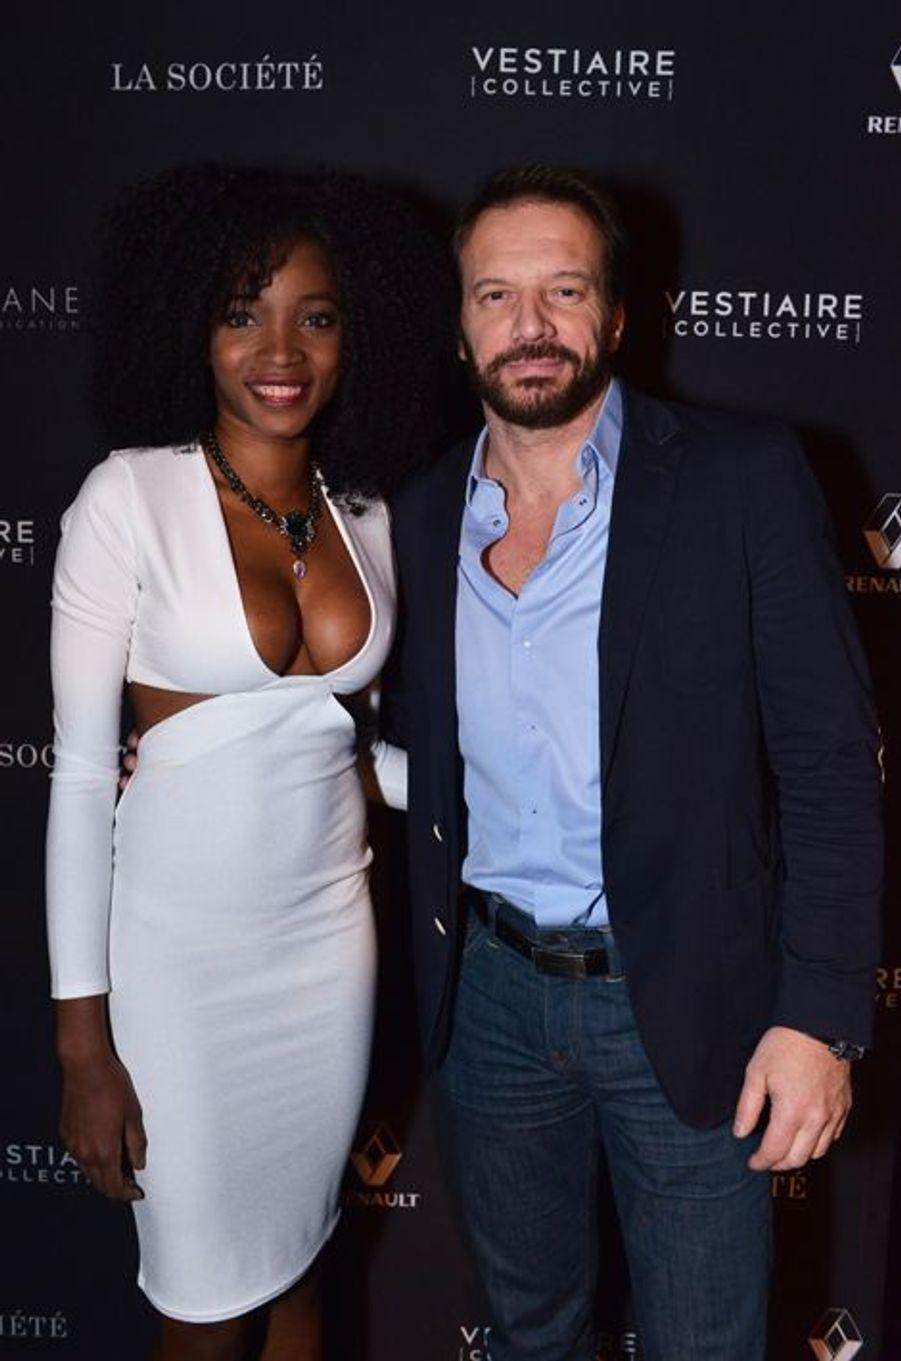 Samuel LeBihan et son épouse, Daniela, à Paris le 5 février 2015